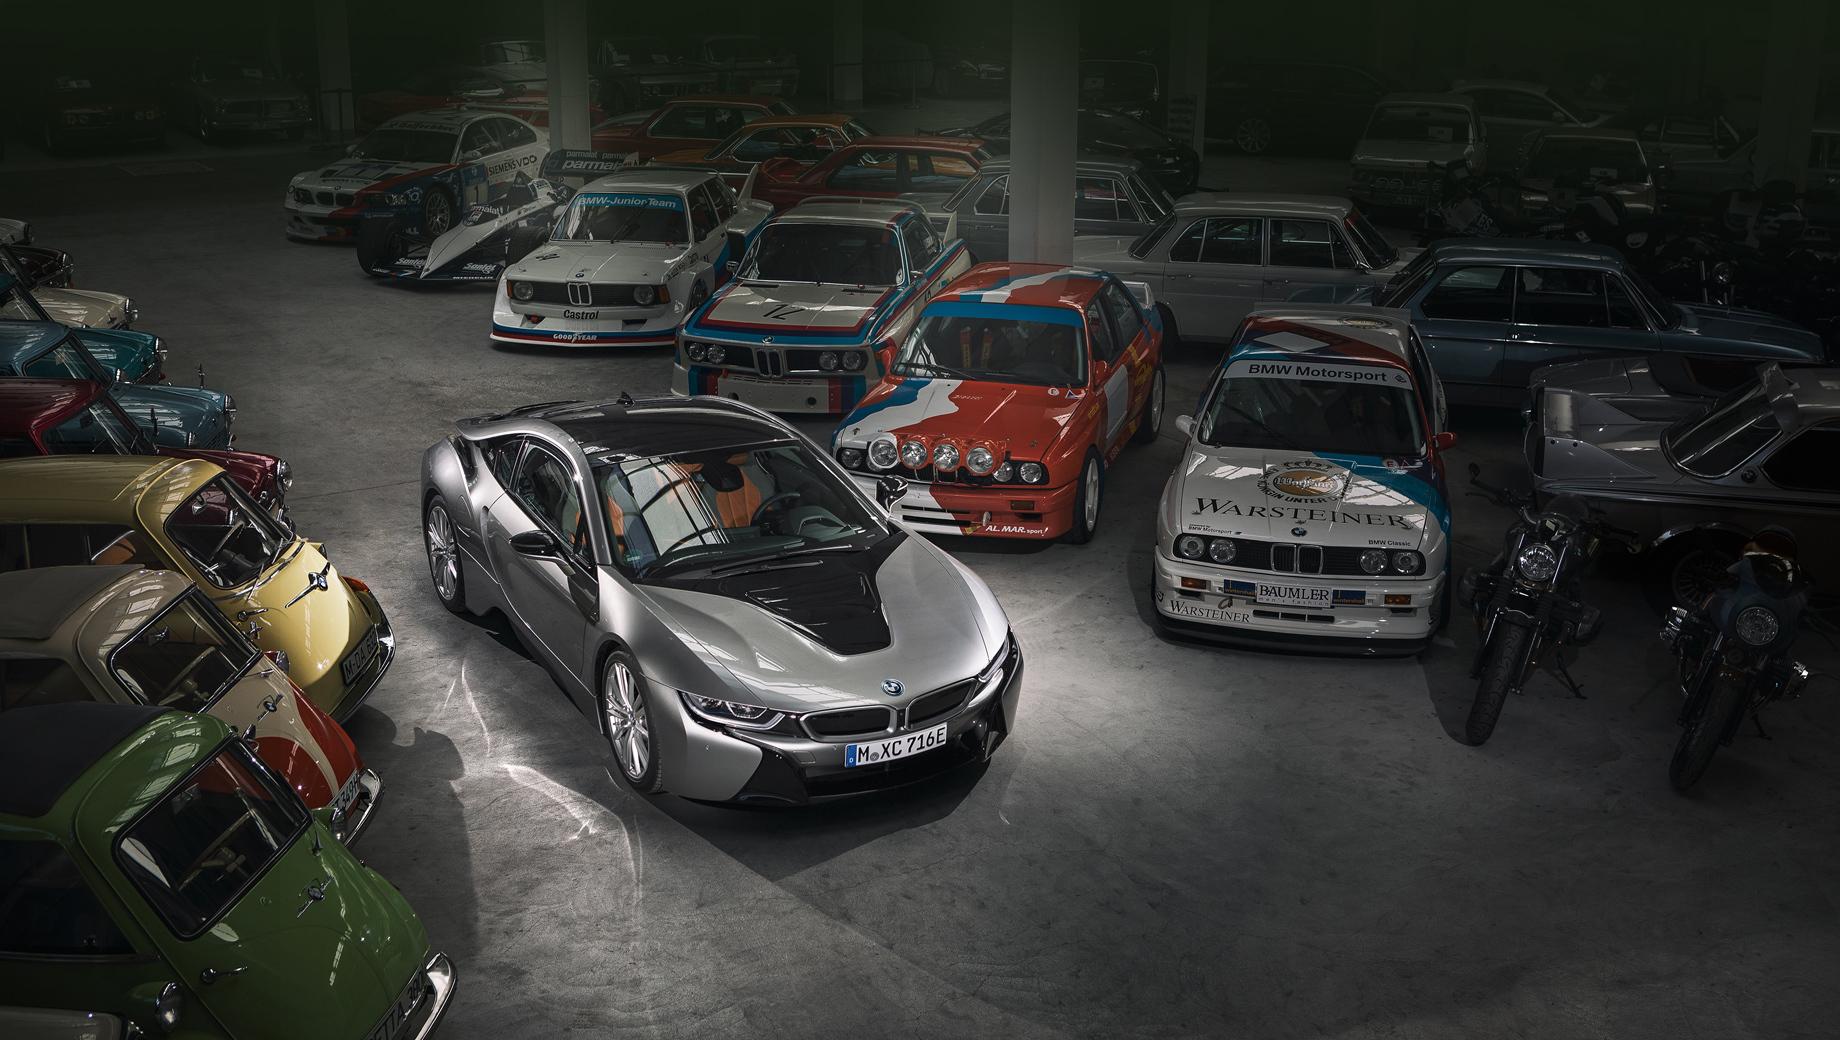 """Bmw i8. «Машина находится на последнем этапе пути в """"Зал славы"""" спортивных автомобилей BMW», — поясняют баварцы."""